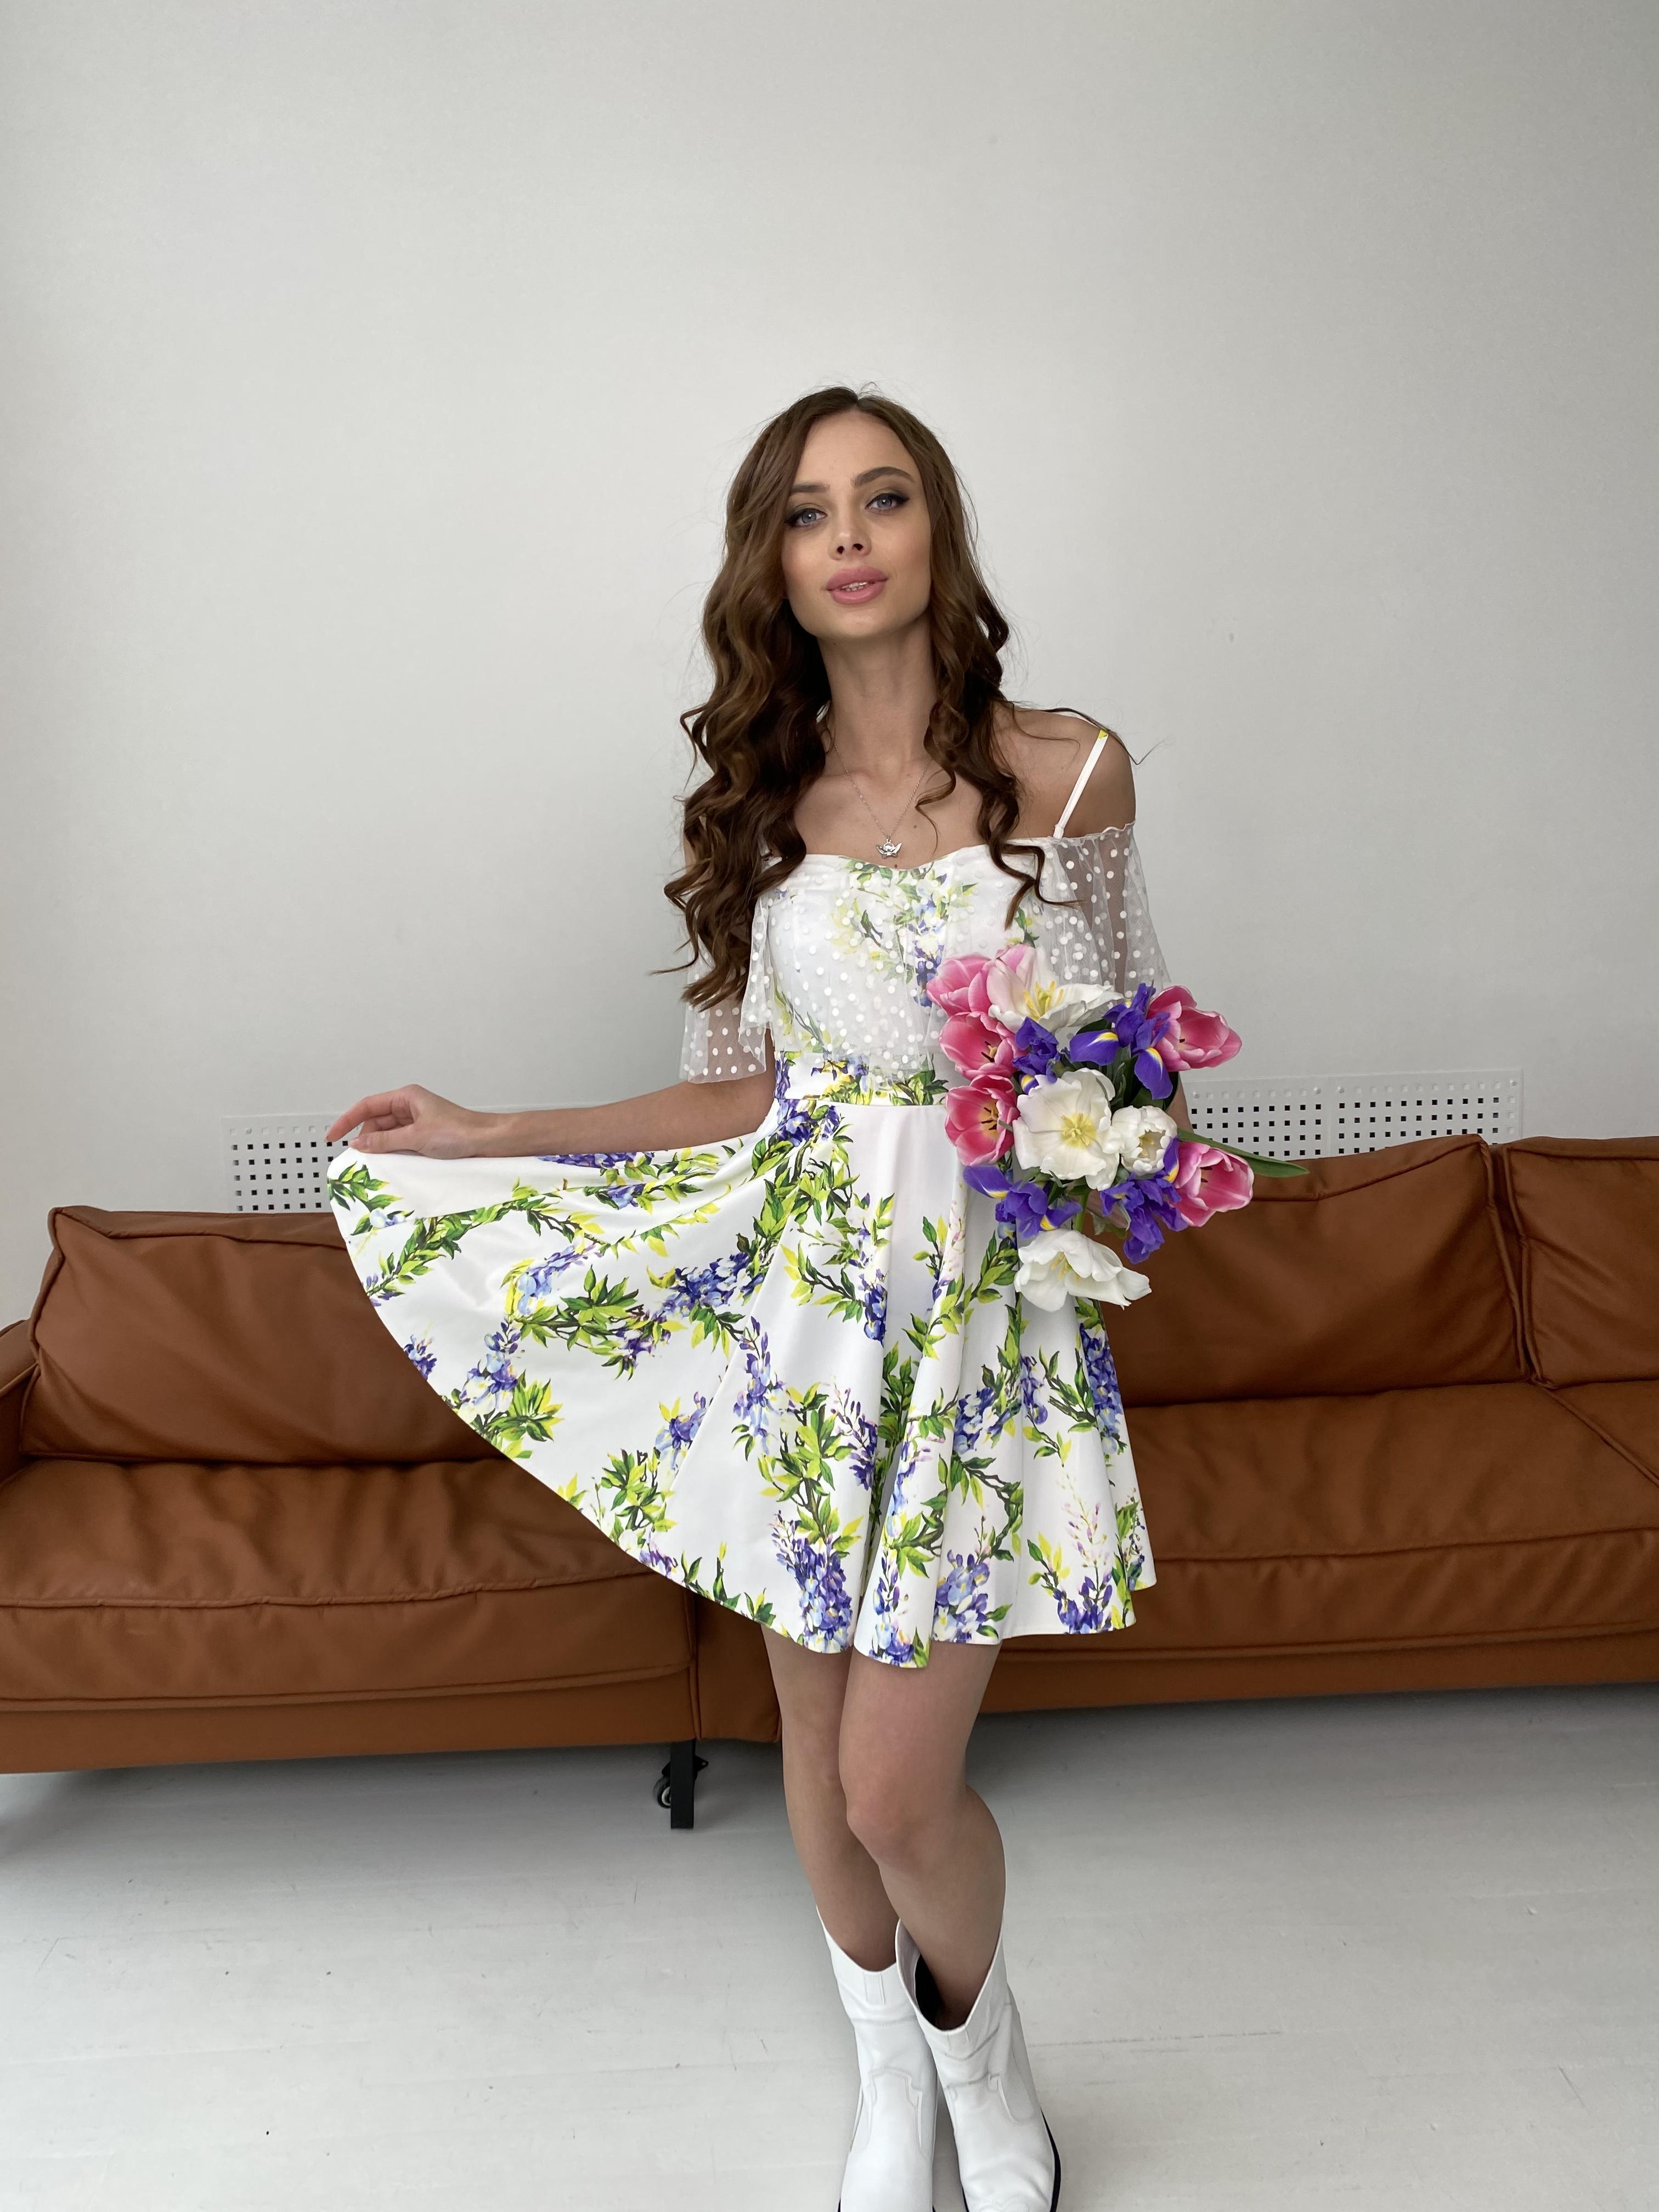 Тори платье из коттона с принтом 7189 АРТ. 43095 Цвет: Цветы фиолет/молоко - фото 4, интернет магазин tm-modus.ru